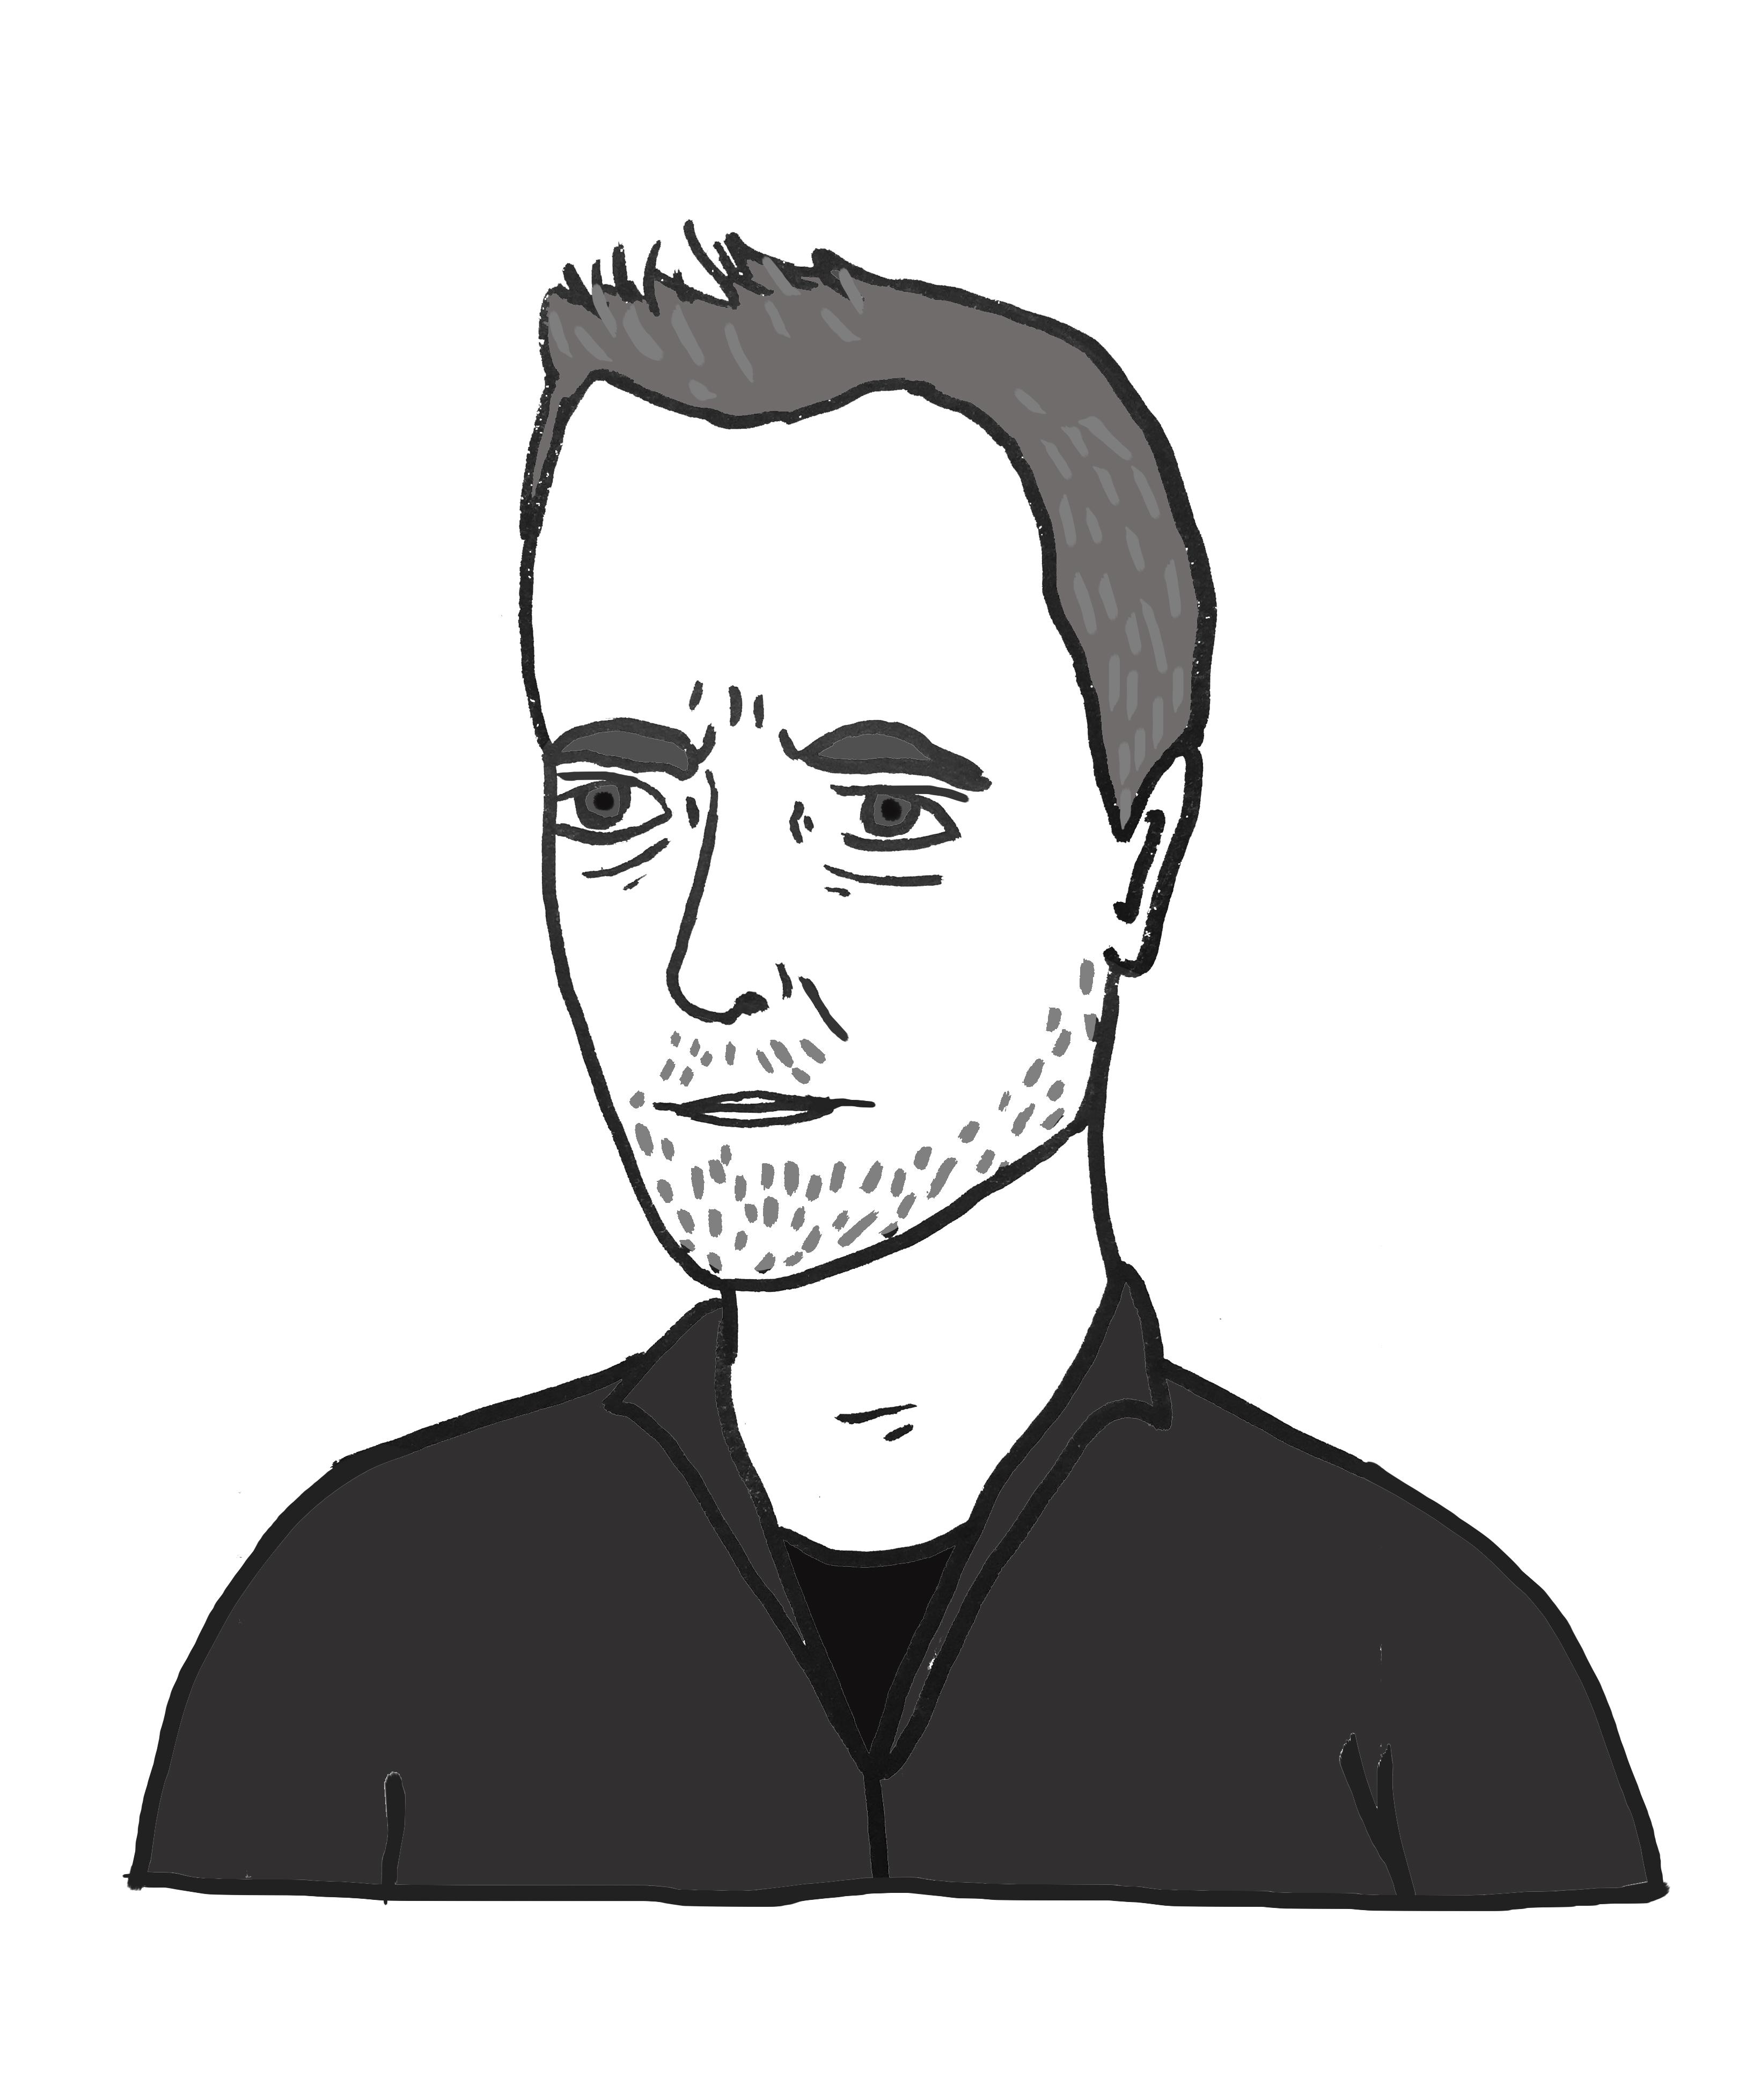 Portret poety Tomasza Różyckiego autorstwa Natalii Przybysz